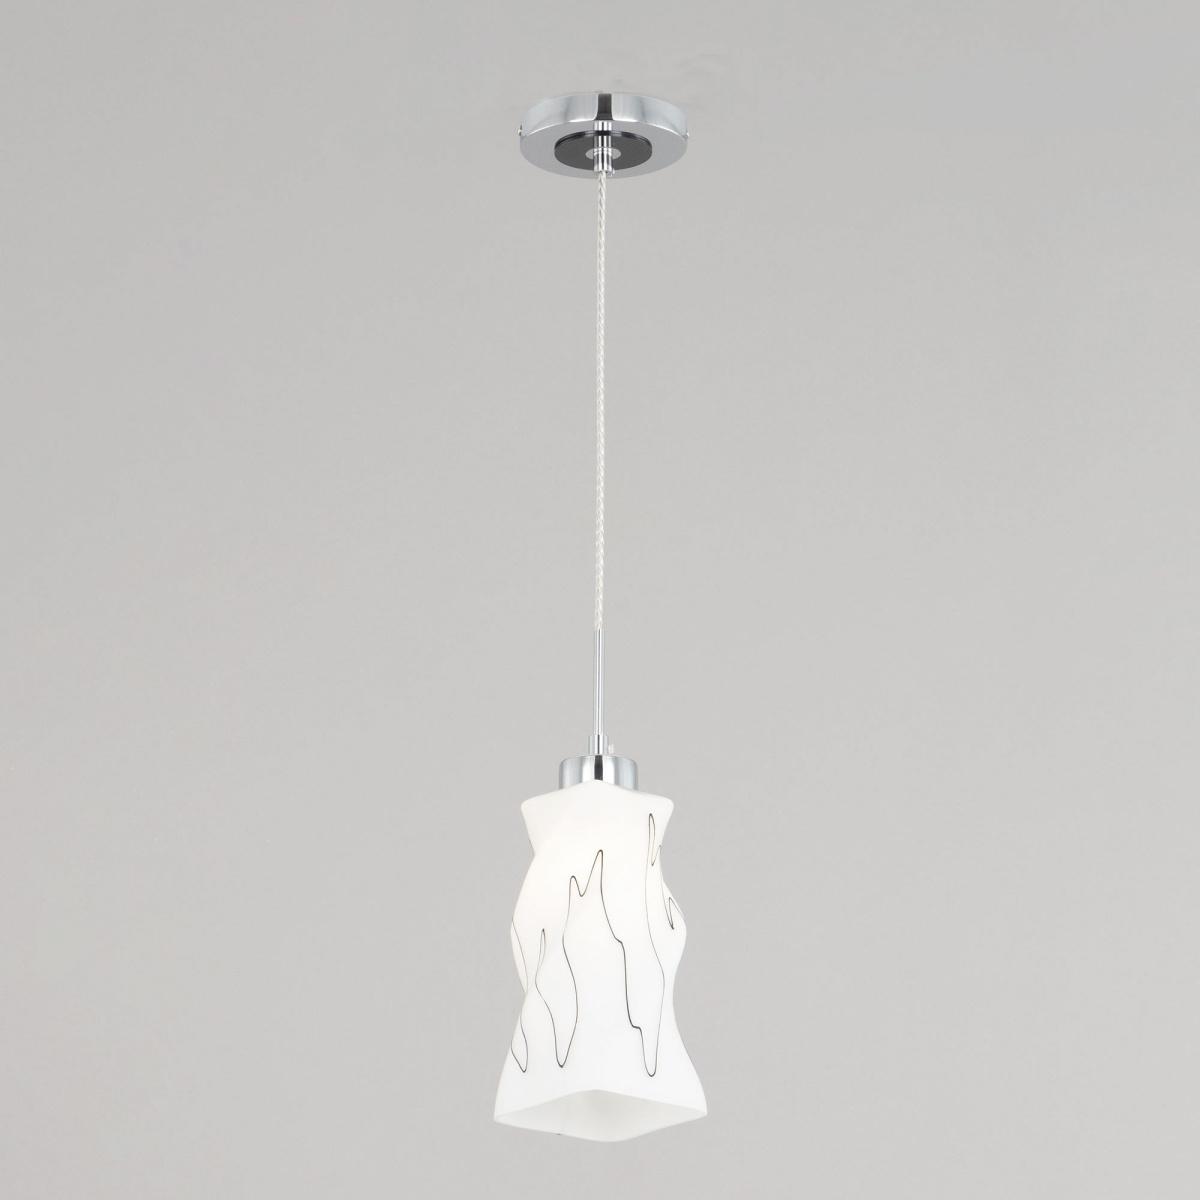 Подвесной светильник Citilux Спин CL943111, 1xE27x75W, хром, белый, металл, стекло - фото 2